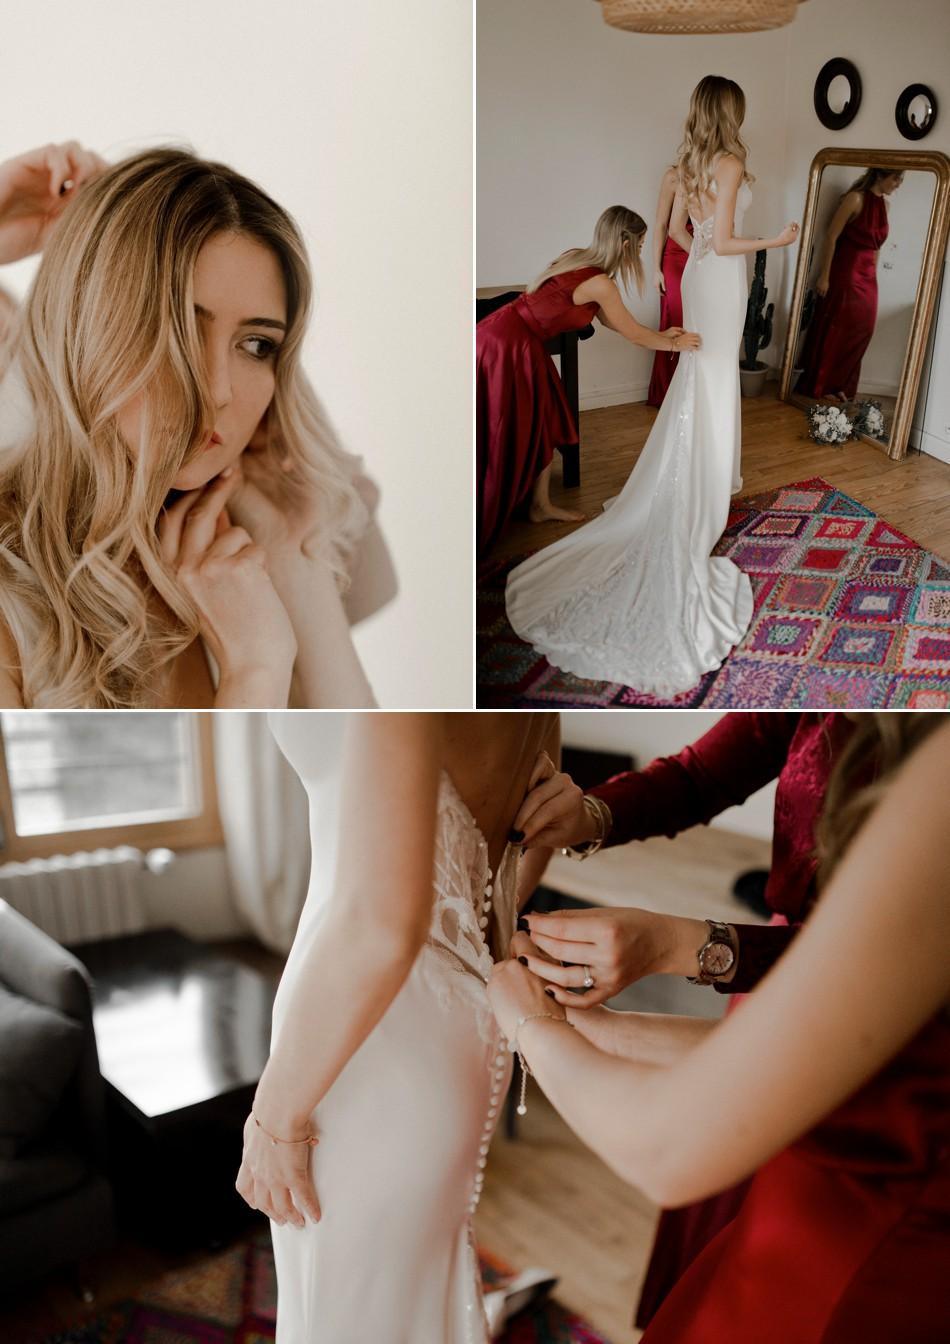 Passage de la robe de mariée